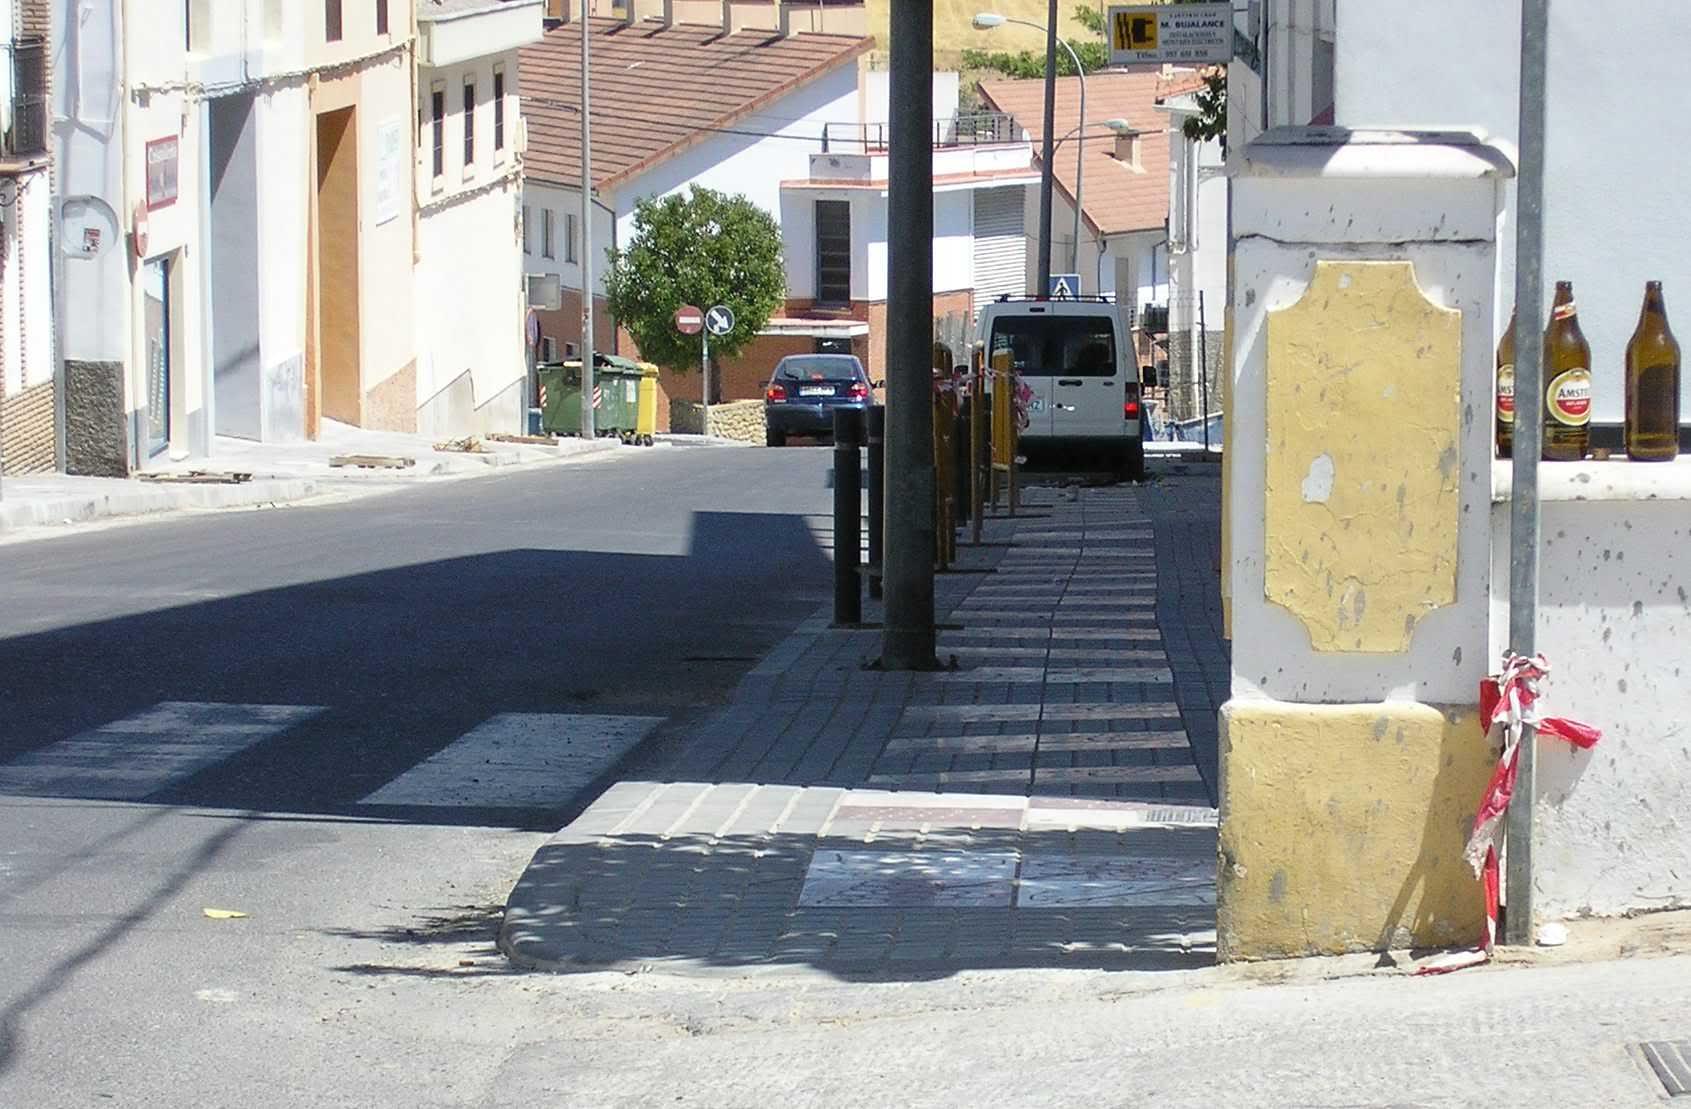 Avenida de Granada - La acera no está muy derecha que digamos